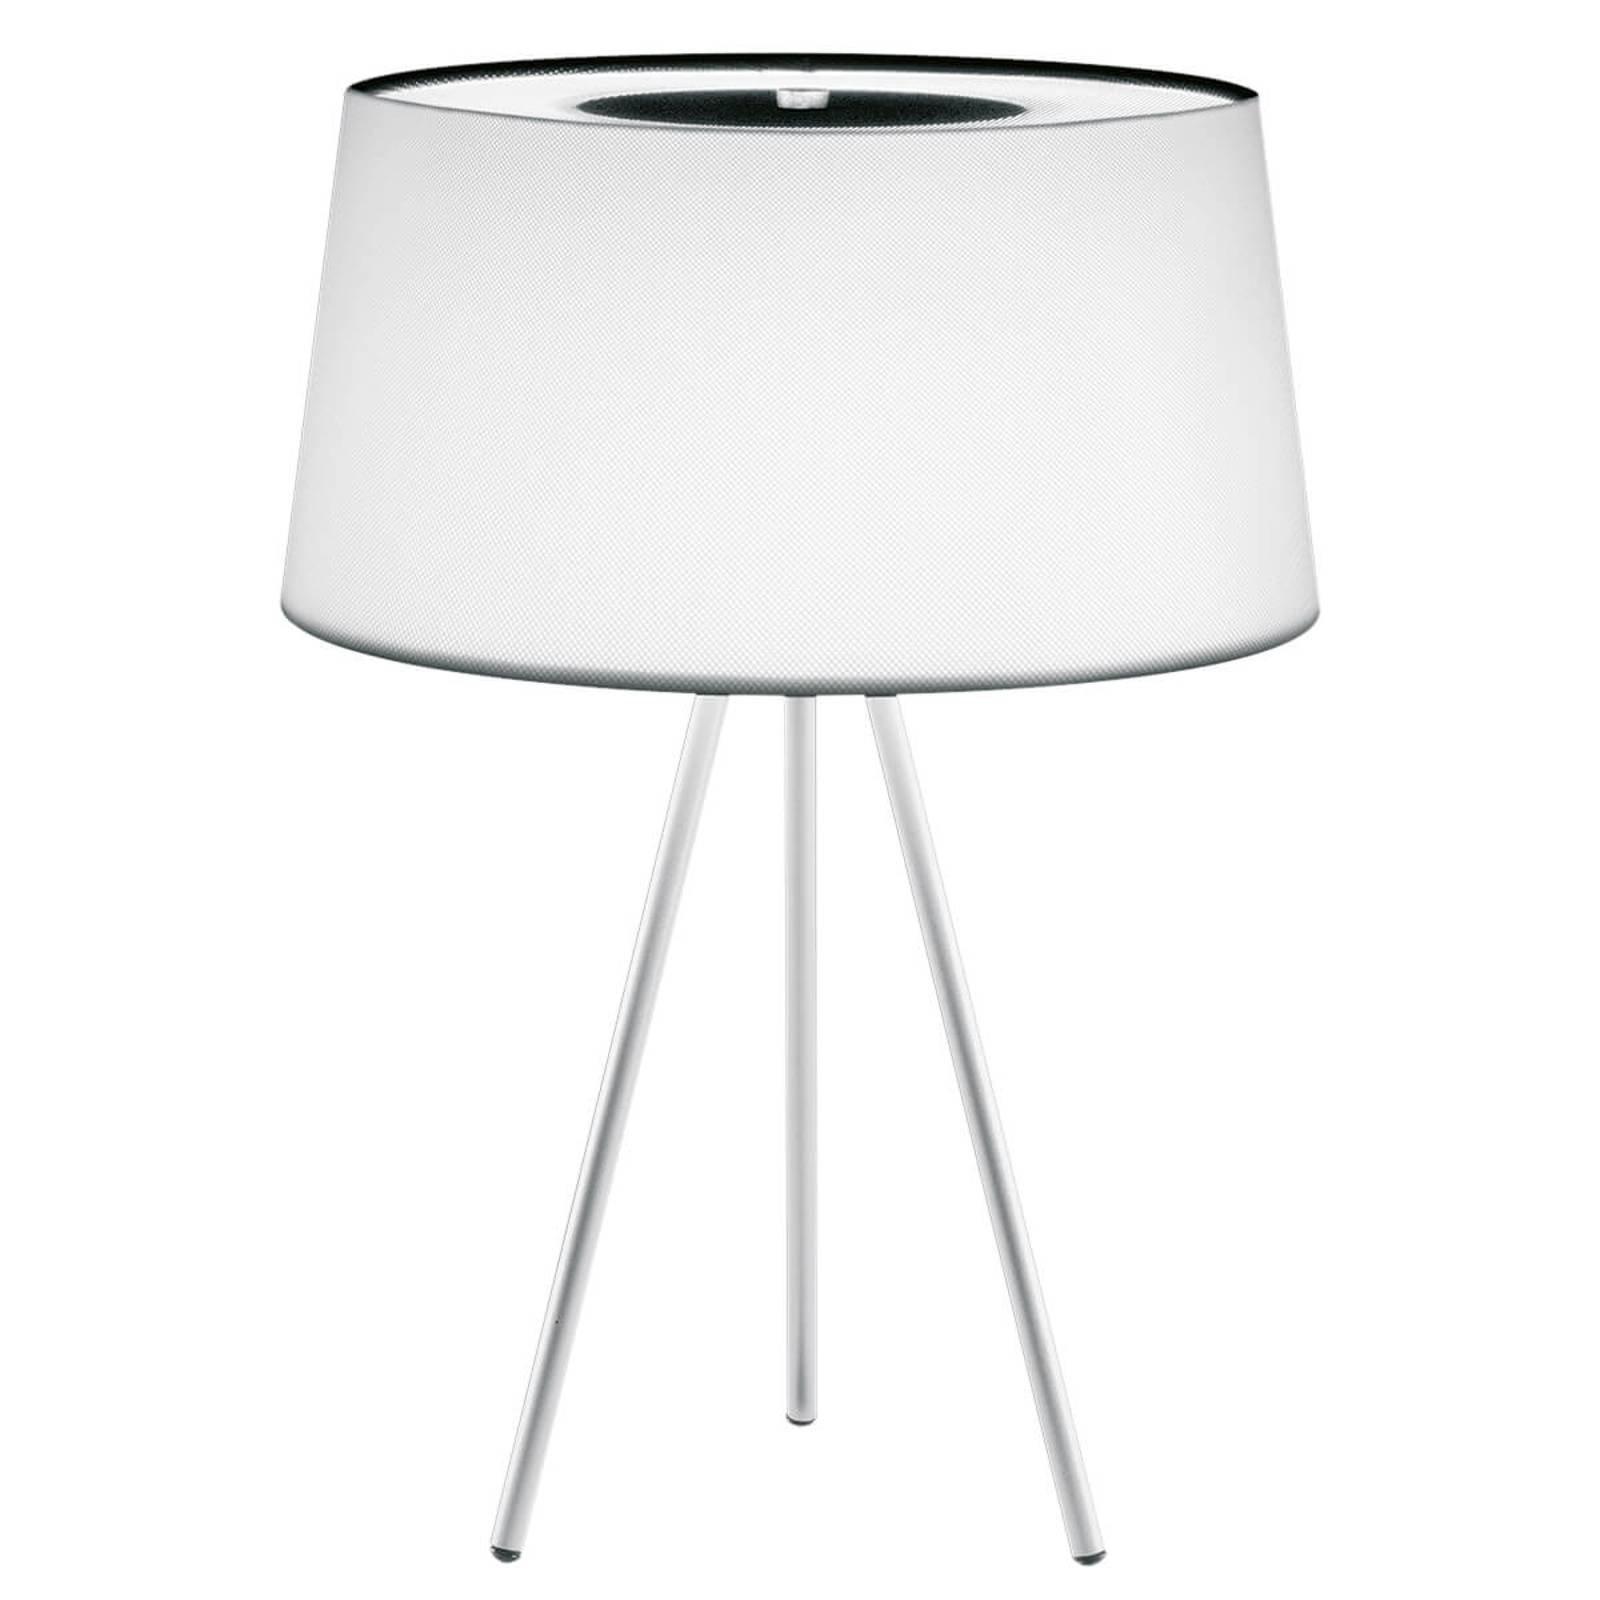 Edel bordlampe Tripod hvit/ grå fot